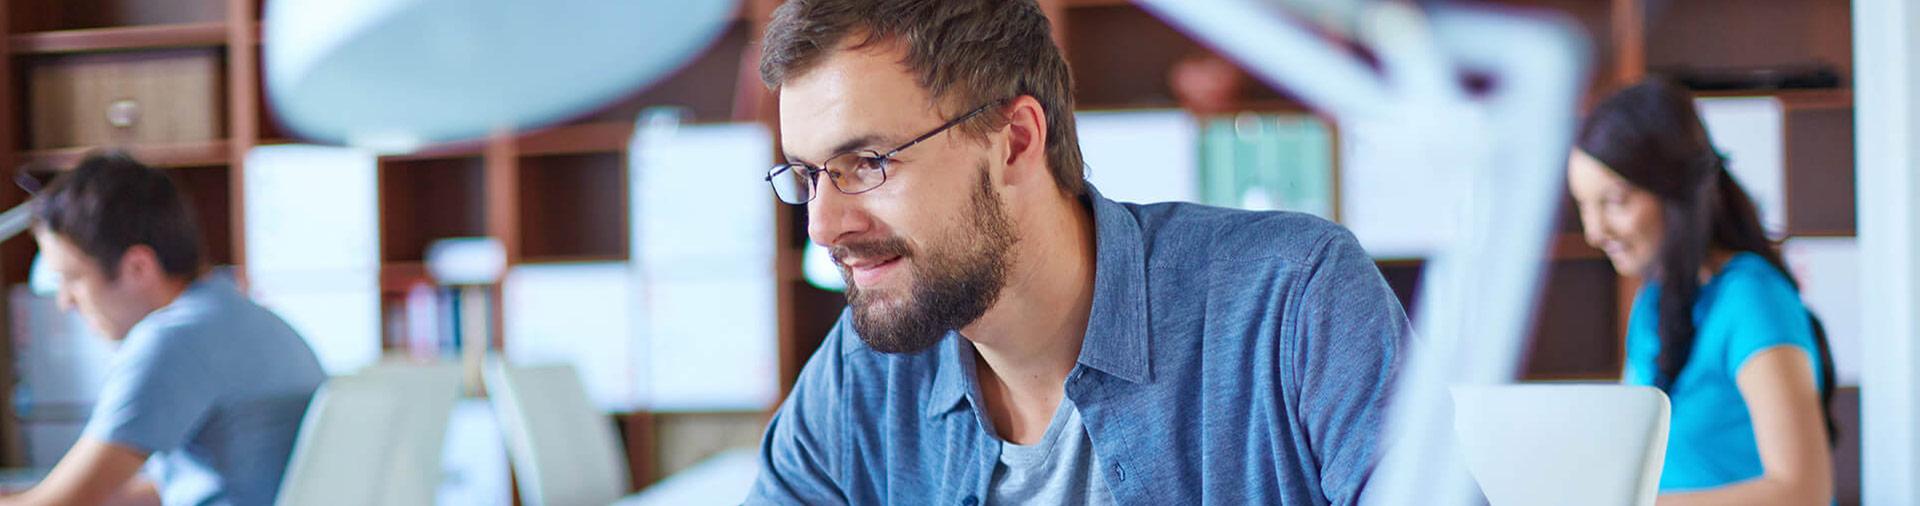 Okulary do pracy w pomieszczeniach